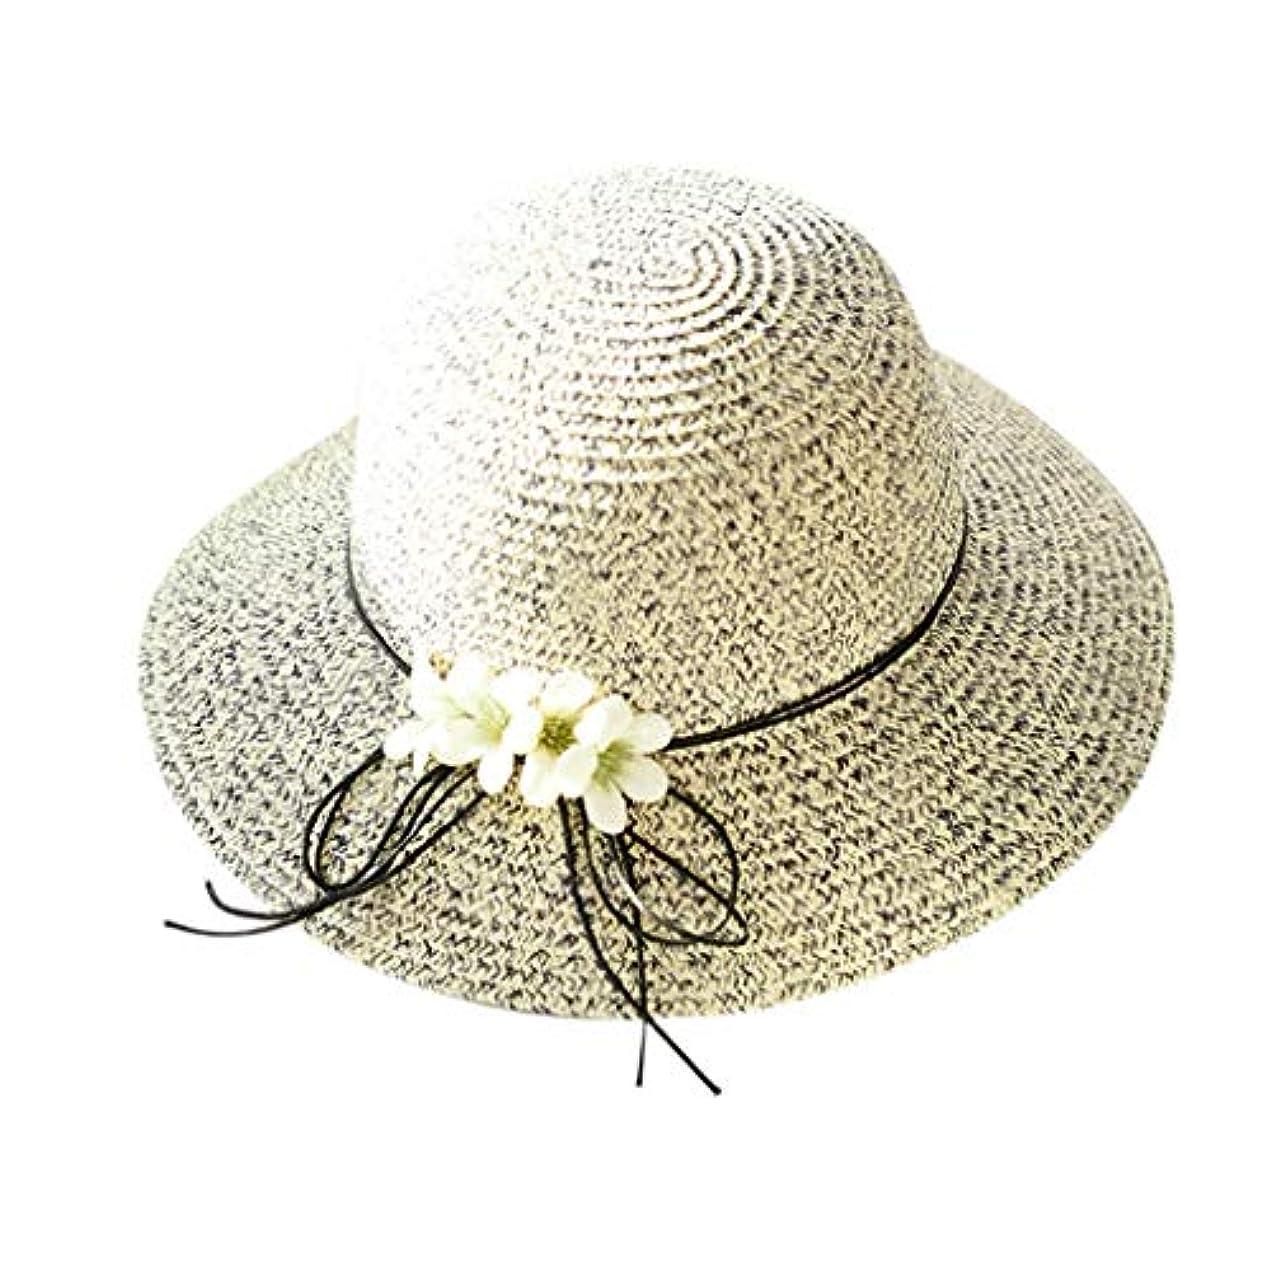 負担少し吹きさらし帽子 レディース 夏 おしゃれ トレンド ファッション エレガント UVカット 帽子 ハット 漁師帽 ワイルド 帽子 レディース 大きいサイズ 森ガール 蝶結び 無地 ビーチ 海辺 かわいい ROSE ROMAN